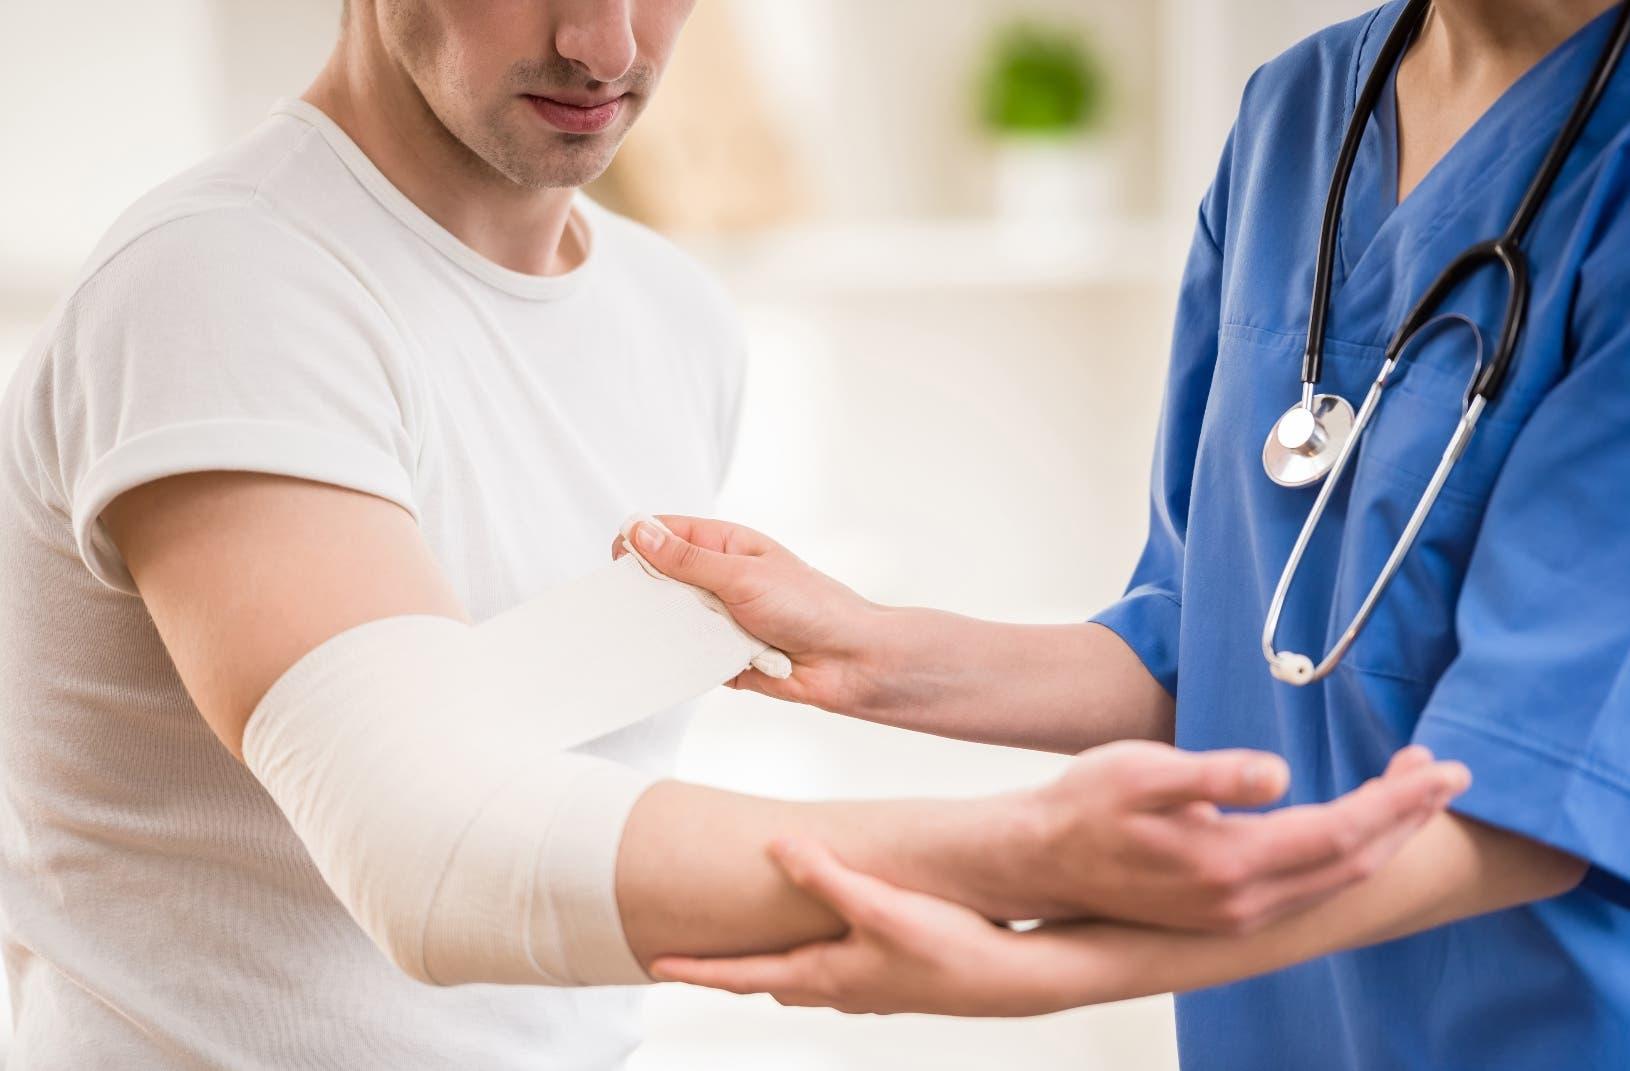 ¿Cómo se curan las heridas crónicas?